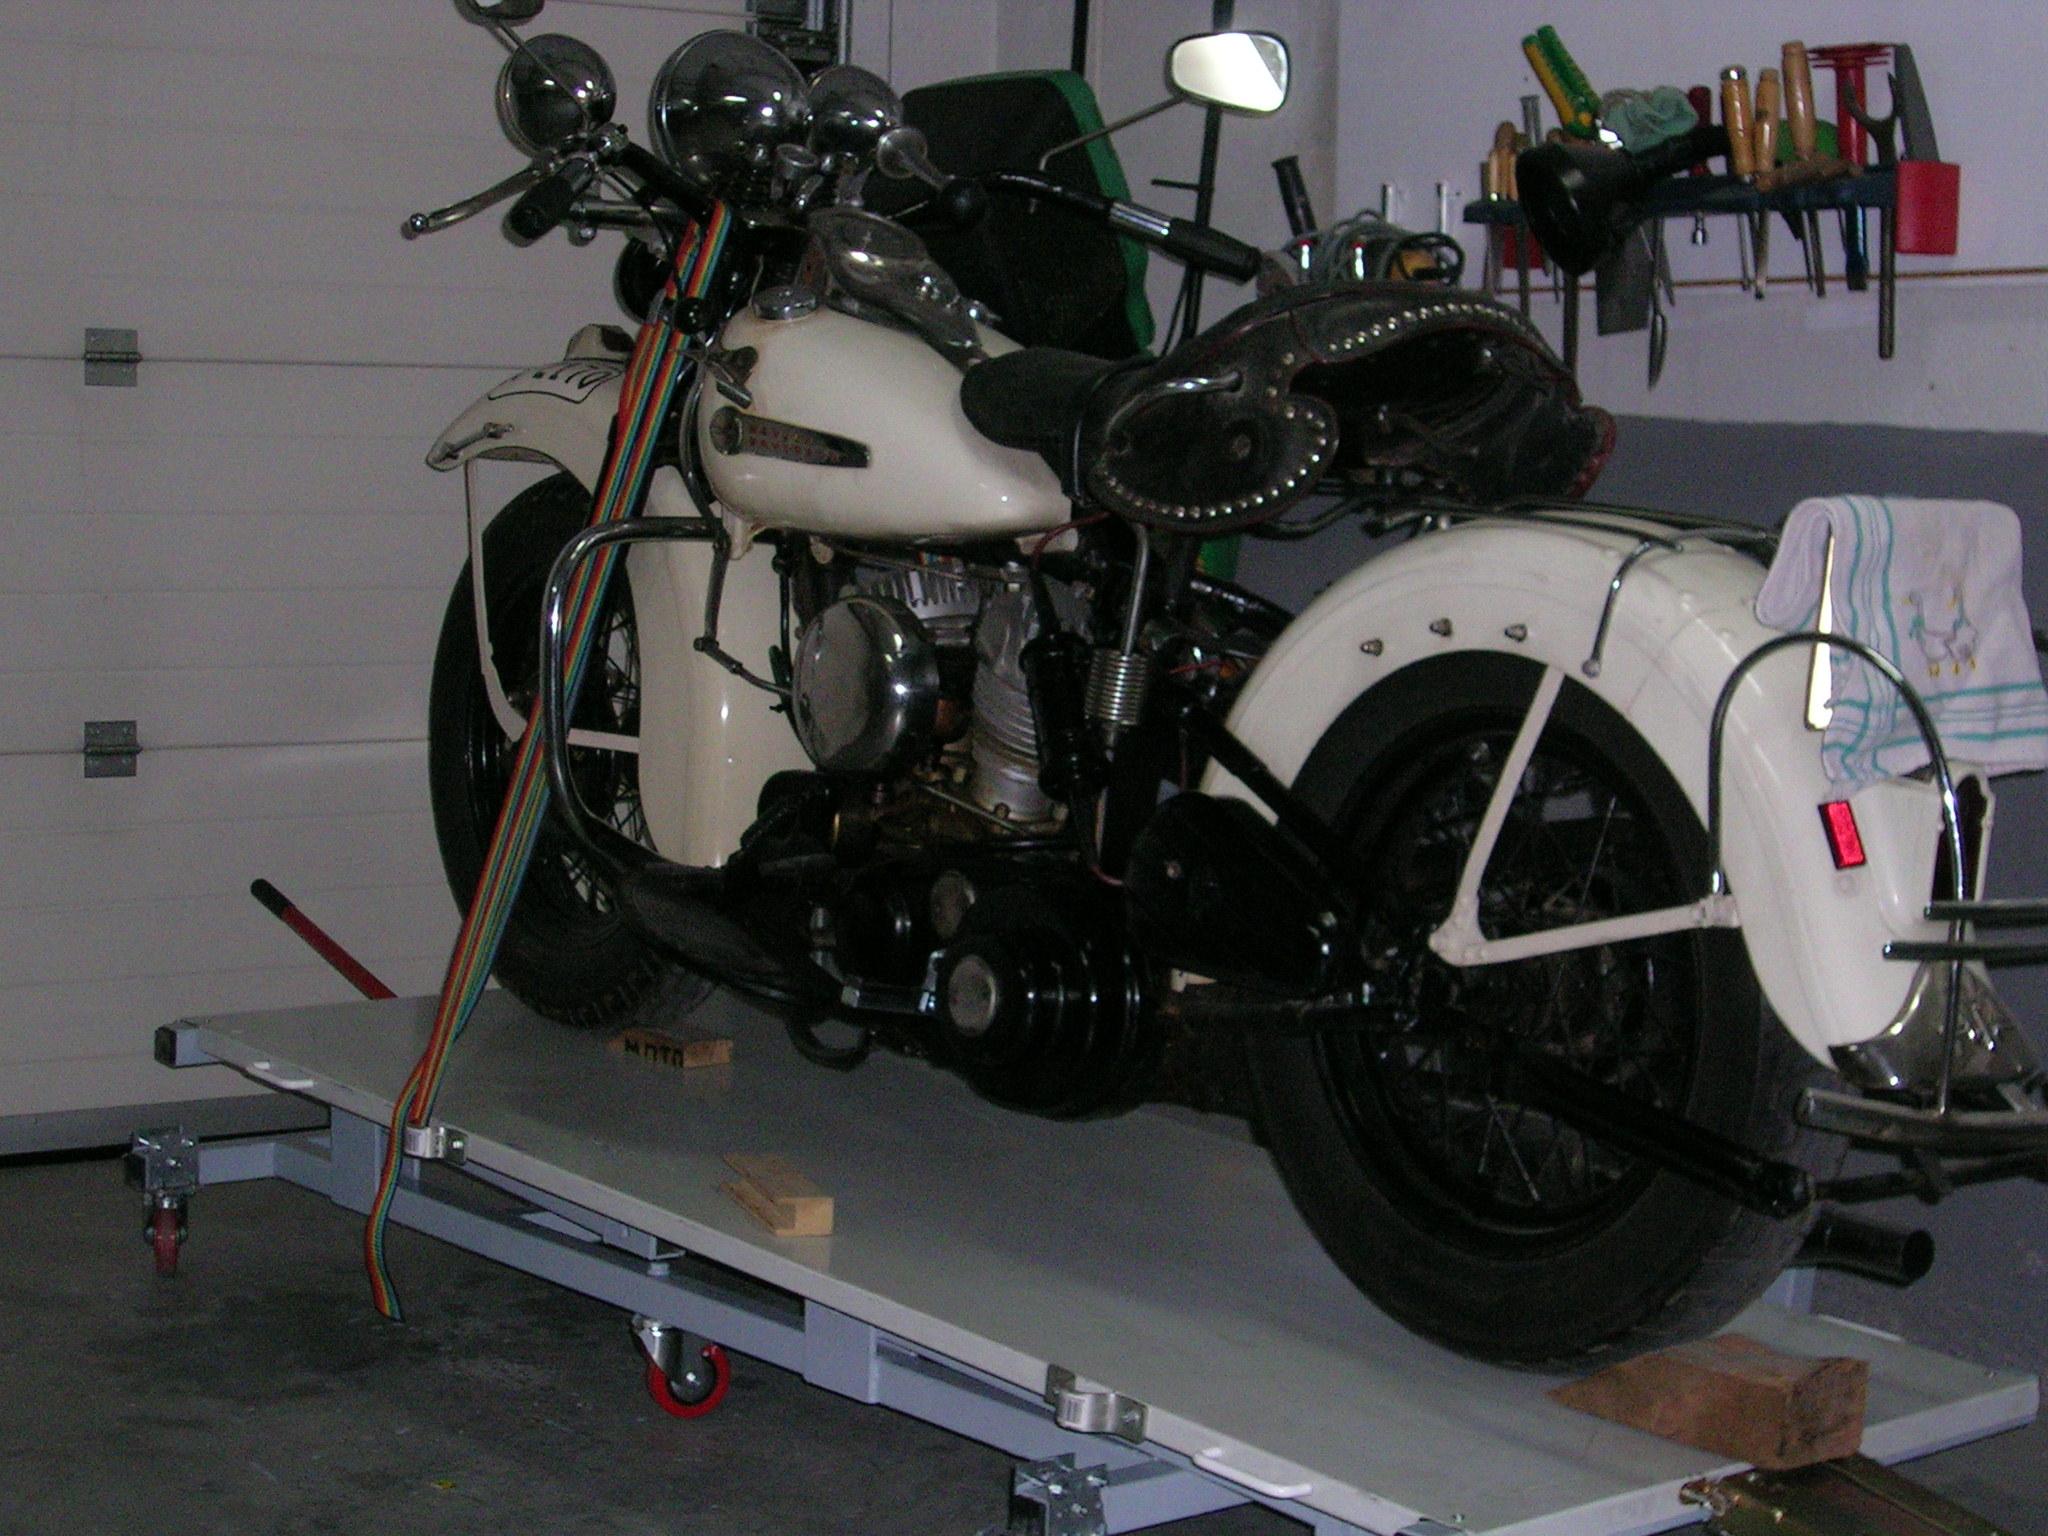 Los calzos evitan que la moto se desplace.